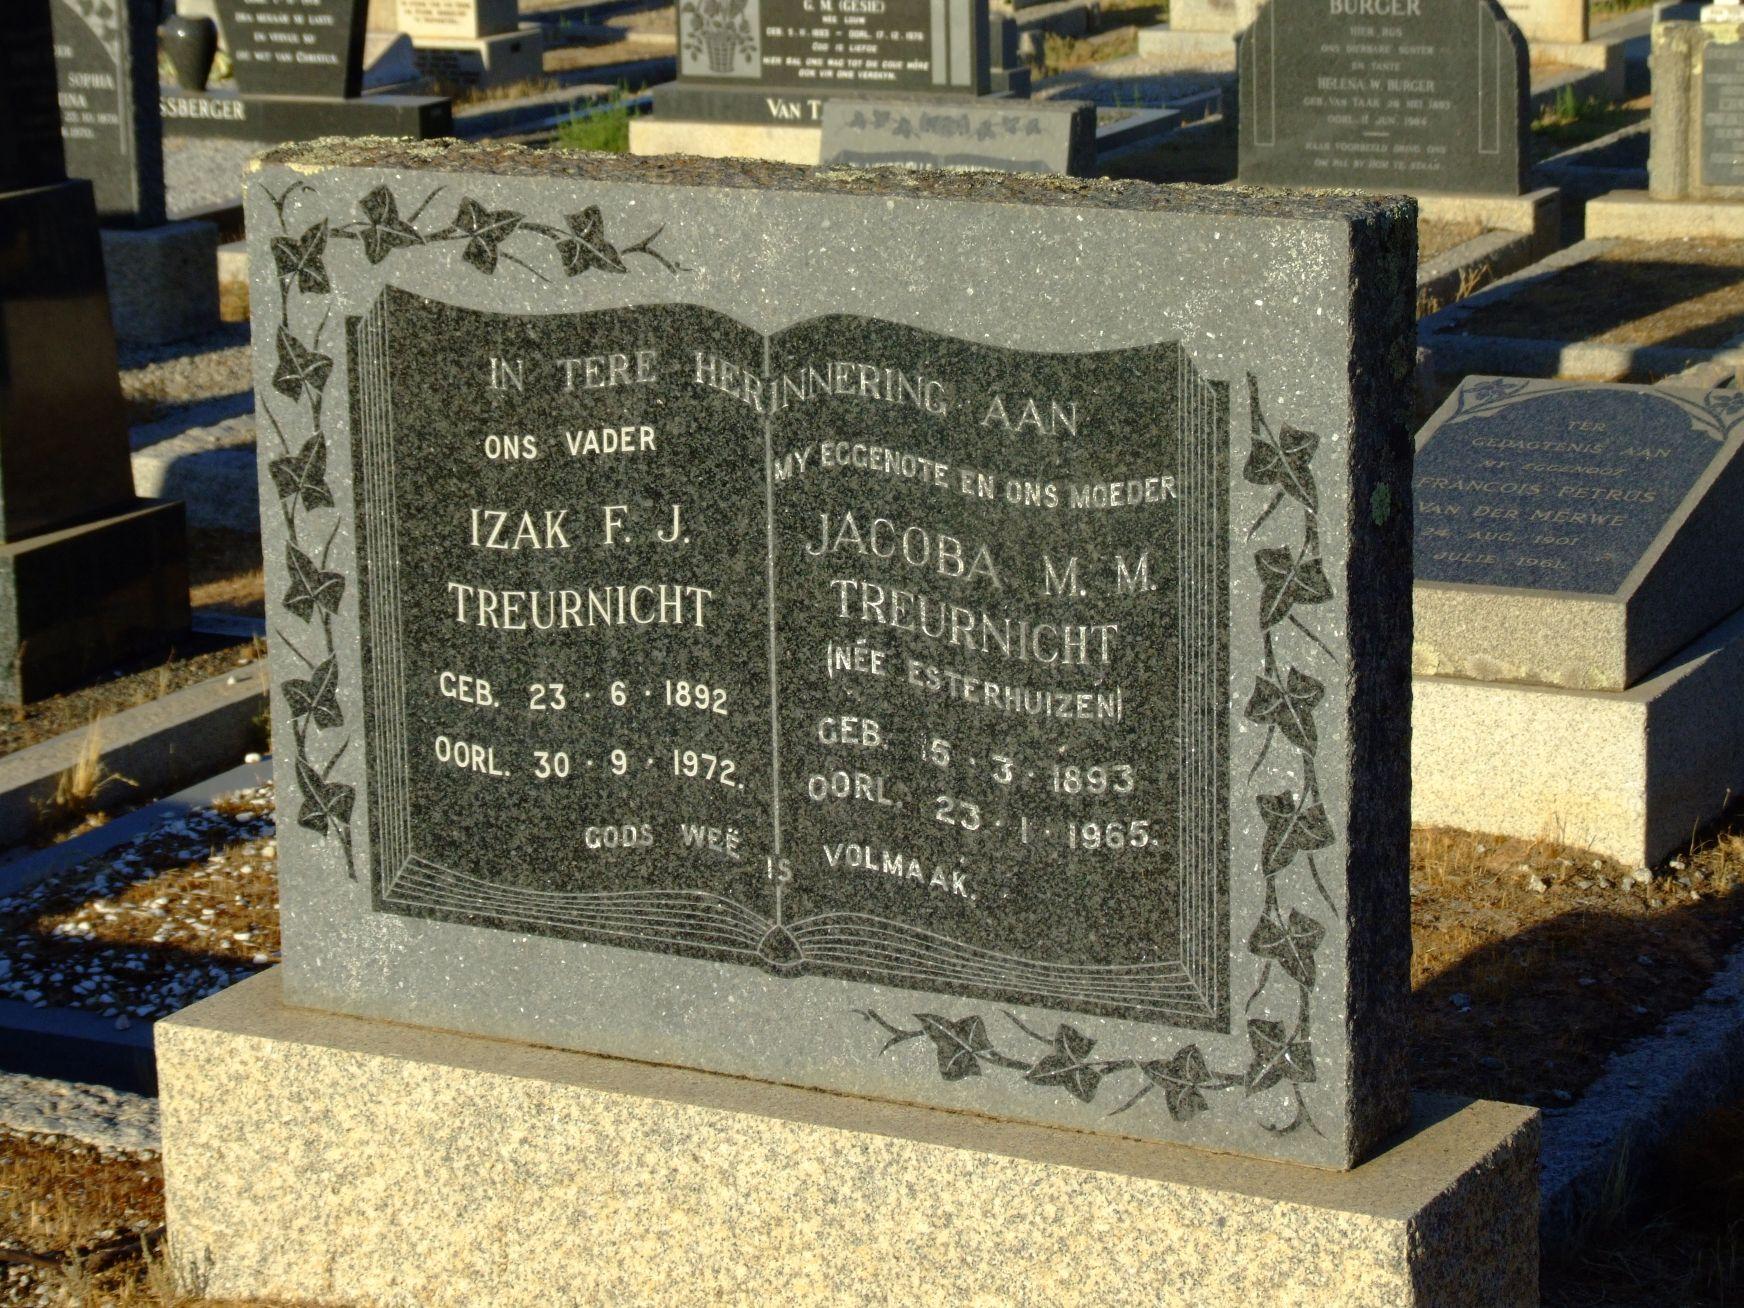 Treurnicht, Izak F. J. + Treurnicht, Jacoba M. M.